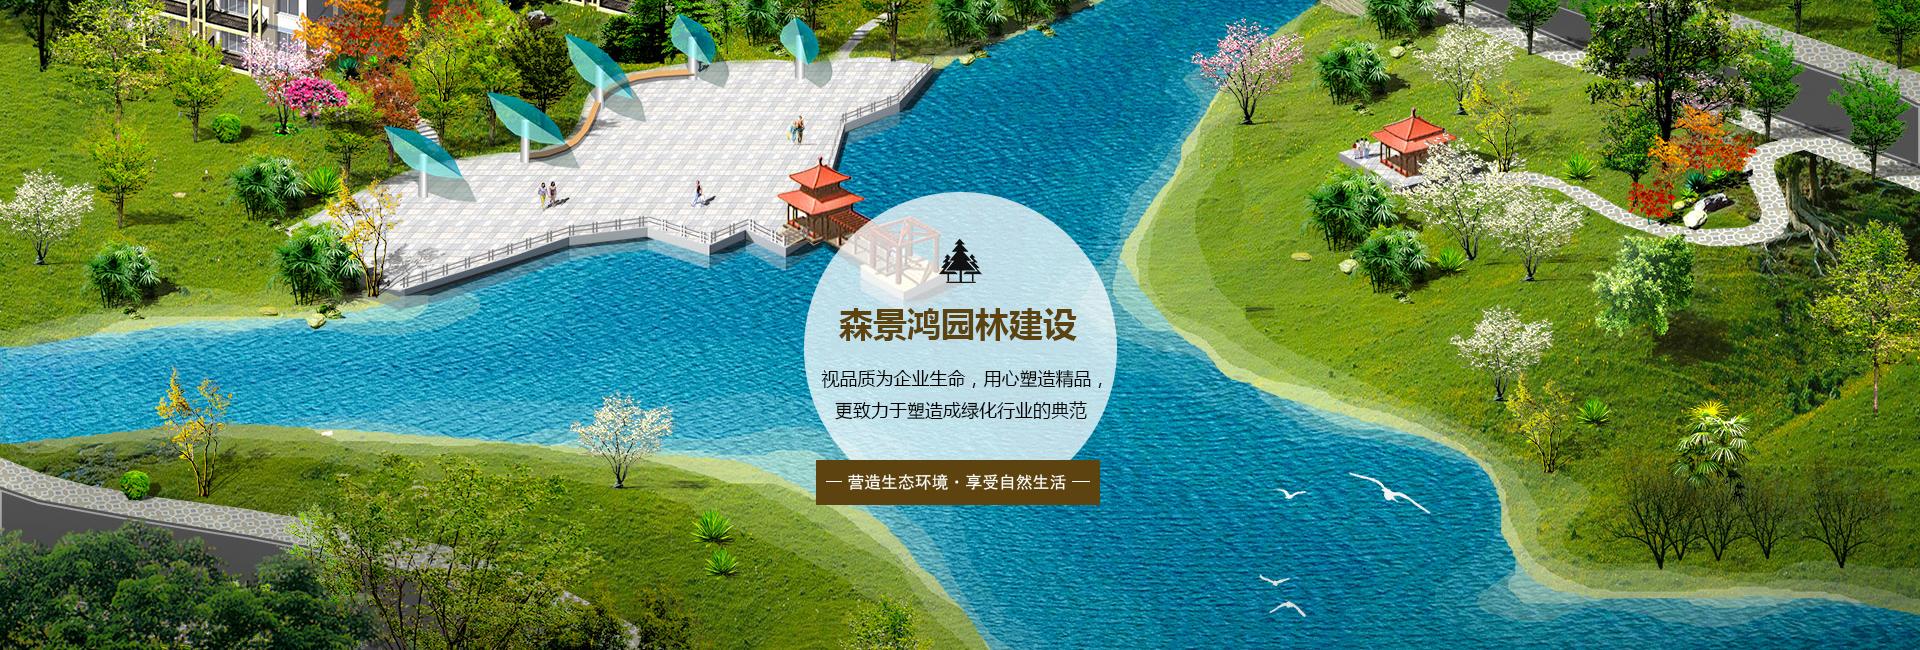 南寧景觀工程,南寧景觀工程公司,南寧園林景觀設計